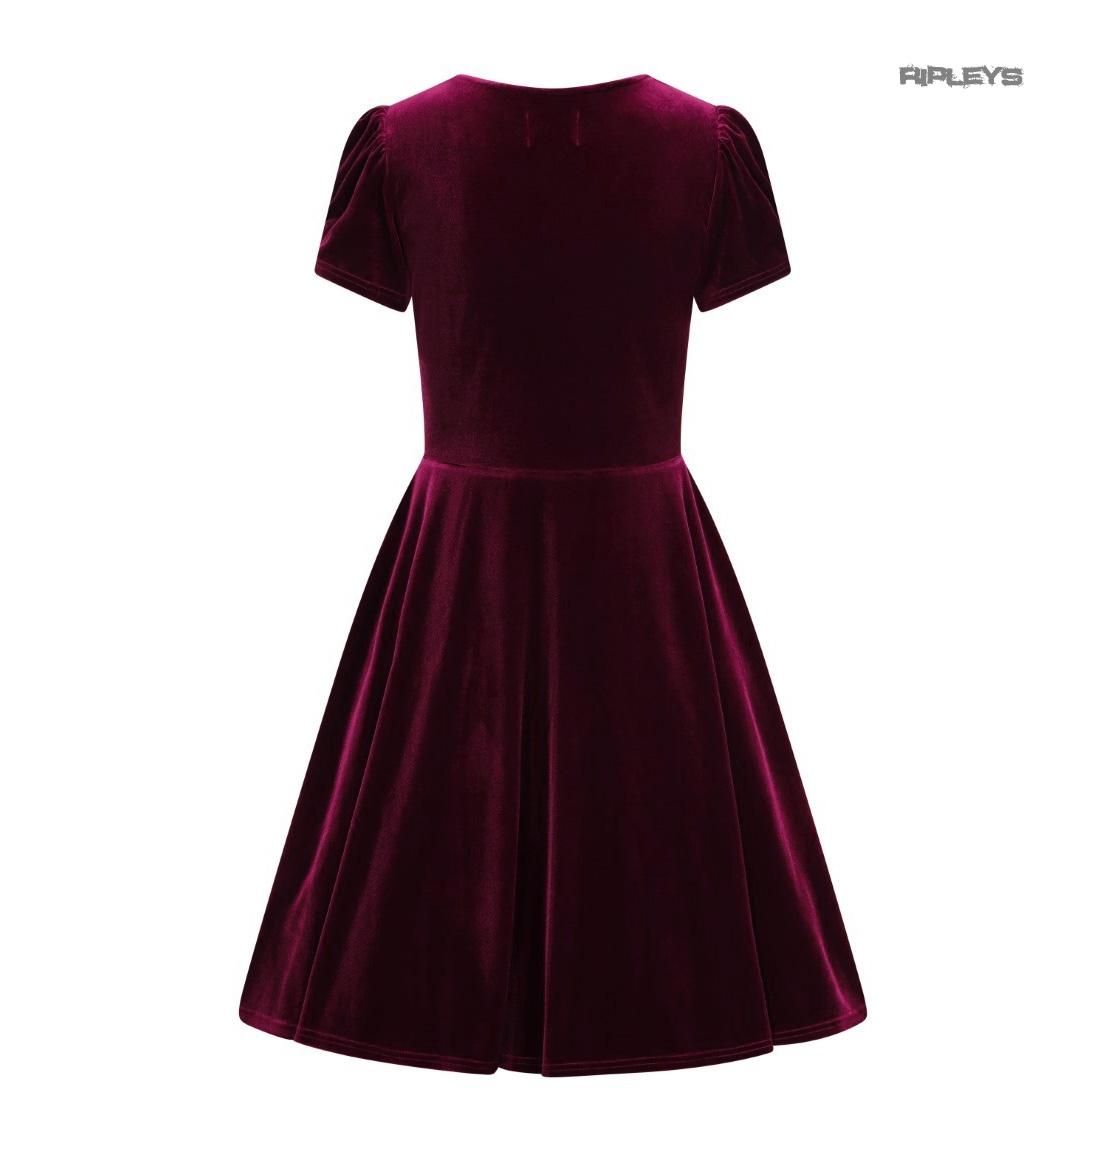 Hell-Bunny-40s-50s-Elegant-Pin-Up-Dress-JOANNE-Crushed-Velvet-Burgundy-All-Sizes thumbnail 30